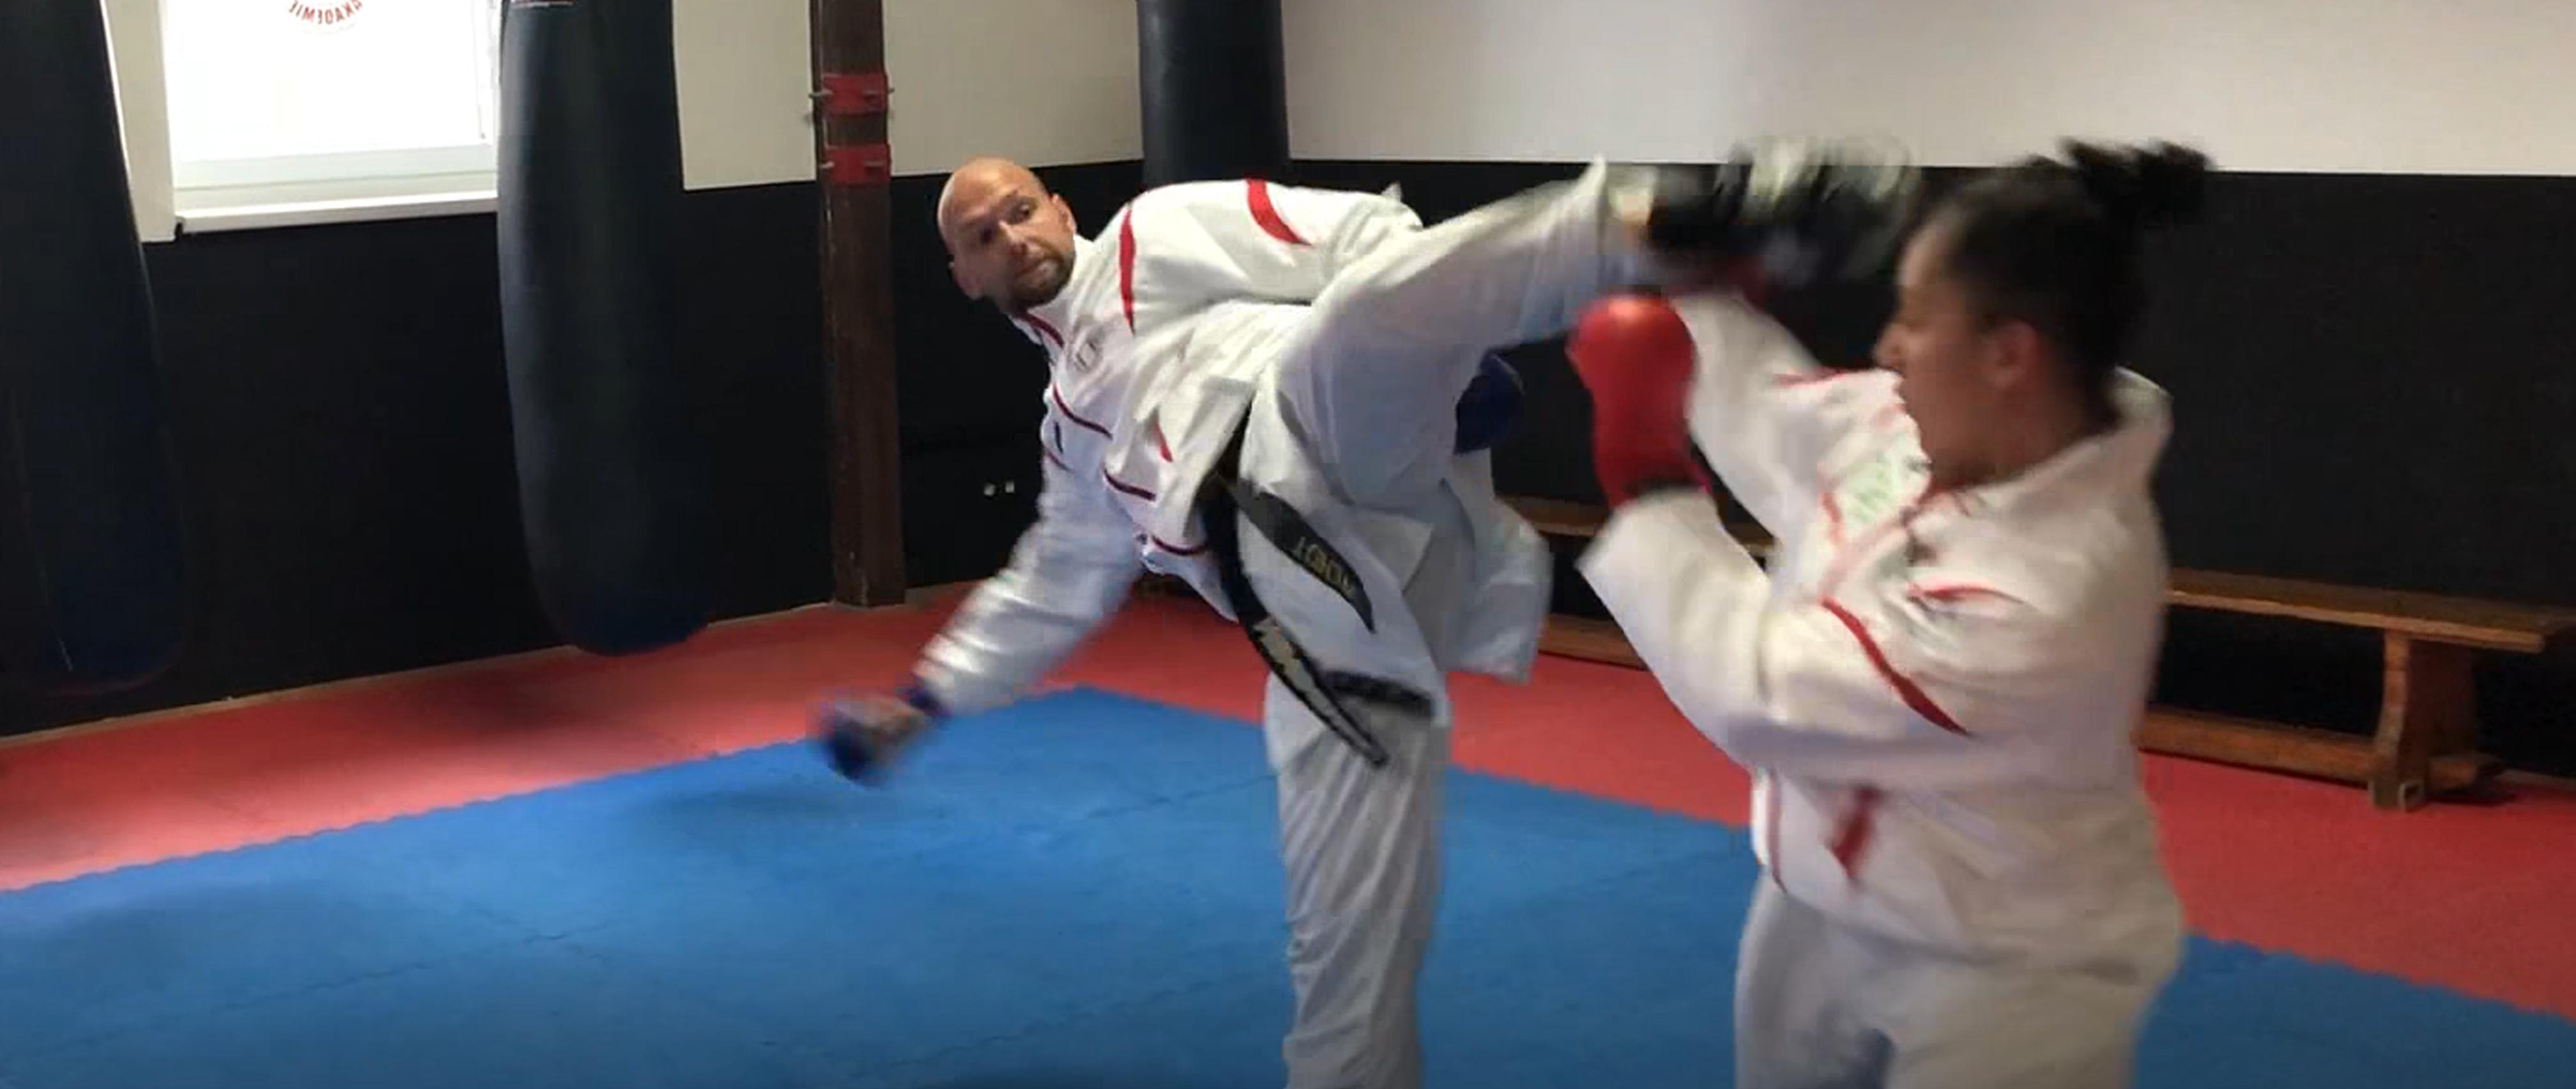 Selbstverteidigung Kampfsport